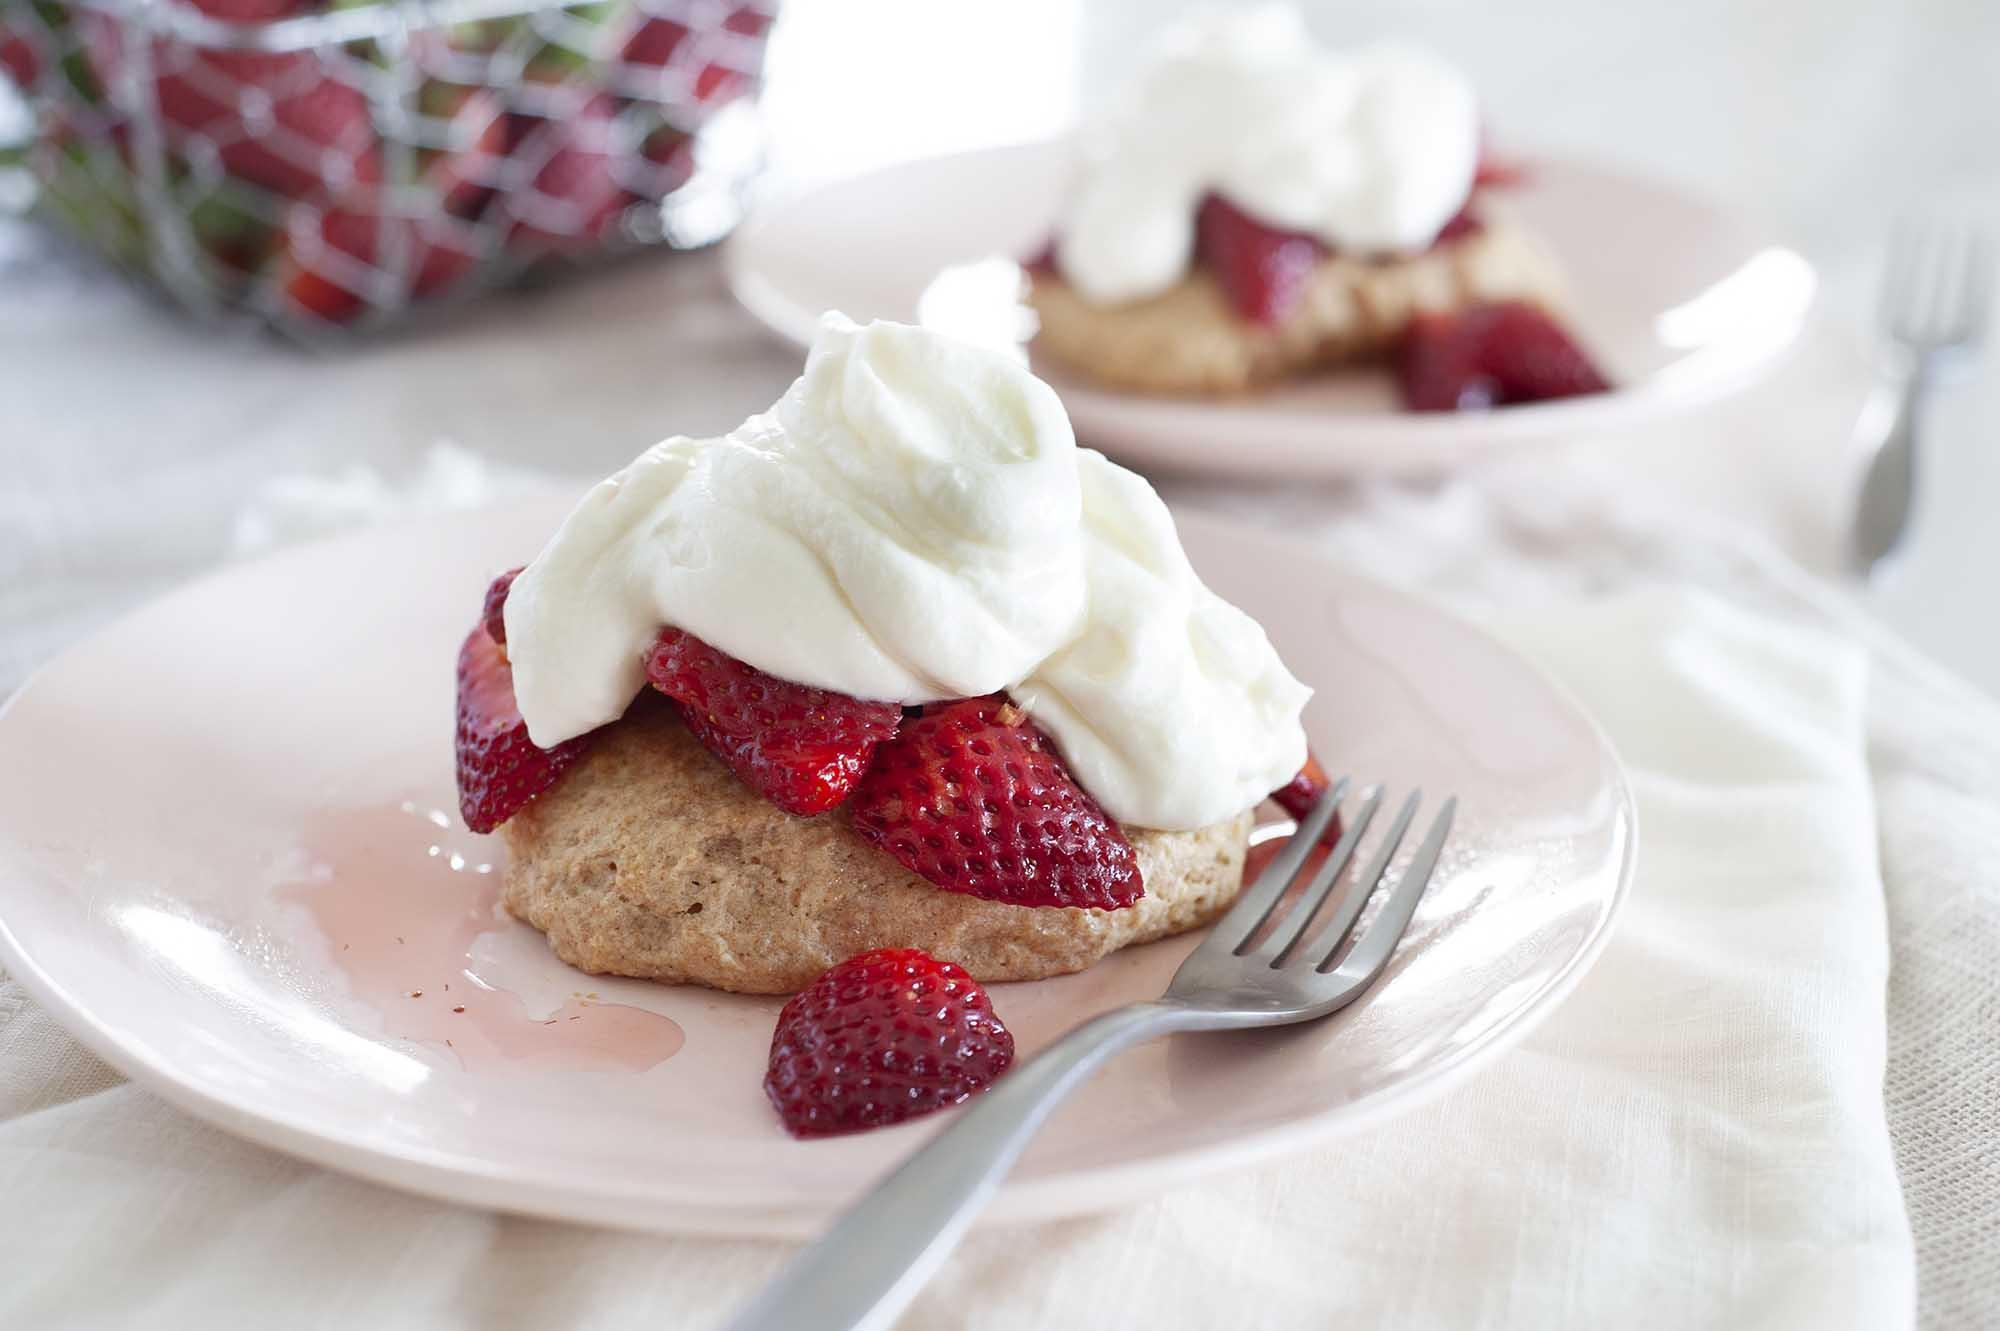 Две тарелки с легким клубничным пирогом, поставленные на стол с белым постельным бельем. Песочное печенье выложено нарезанной клубникой и начинкой из взбитого йогурта. Слева от тарелок находится проволочная корзина с клубникой.